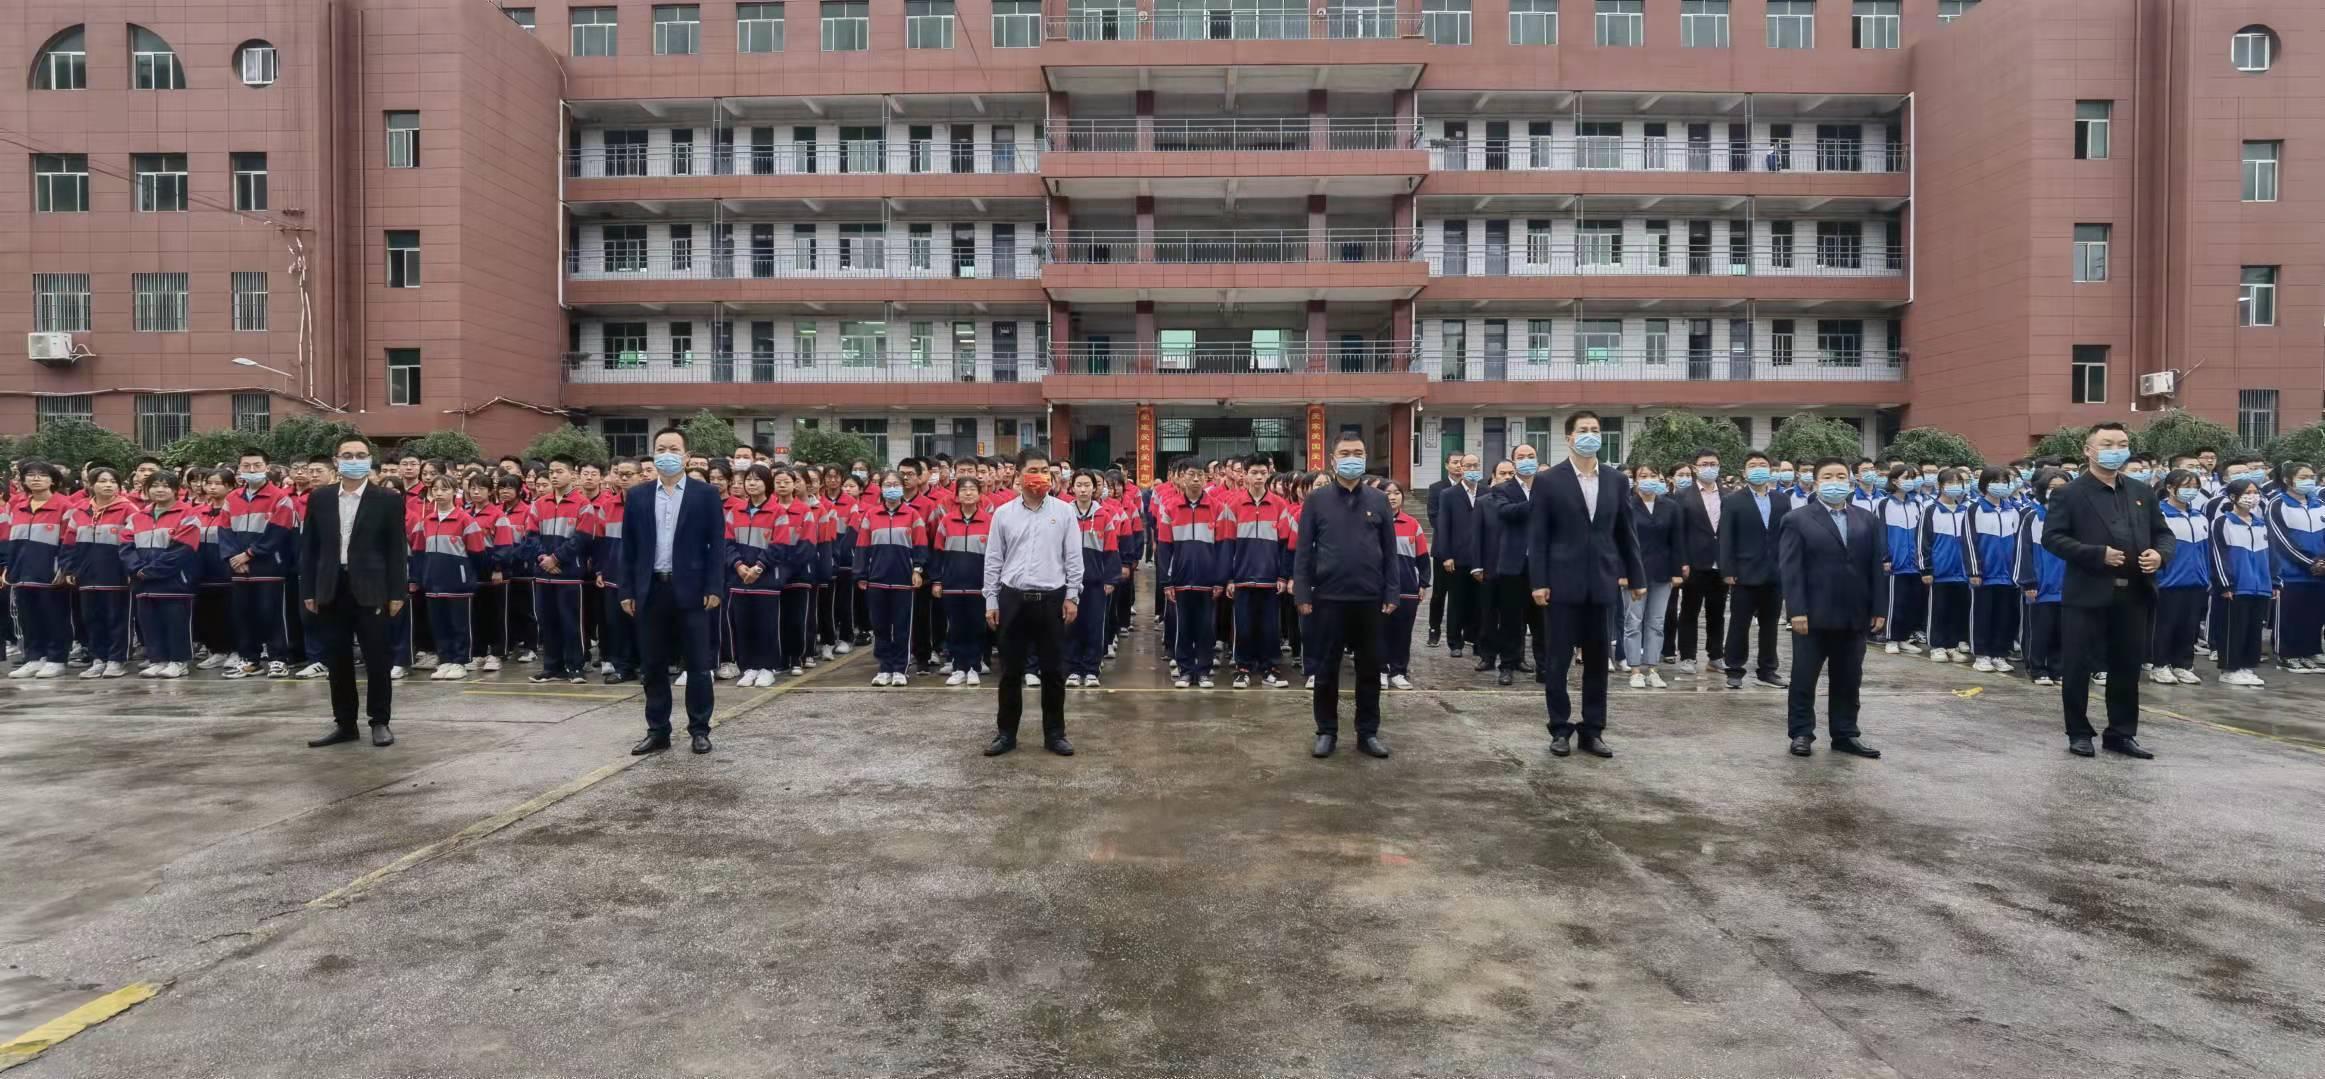 高举旗帜、响应号召、奋进新时代、启航新征程——潼关中学举行新学年主题升旗仪式